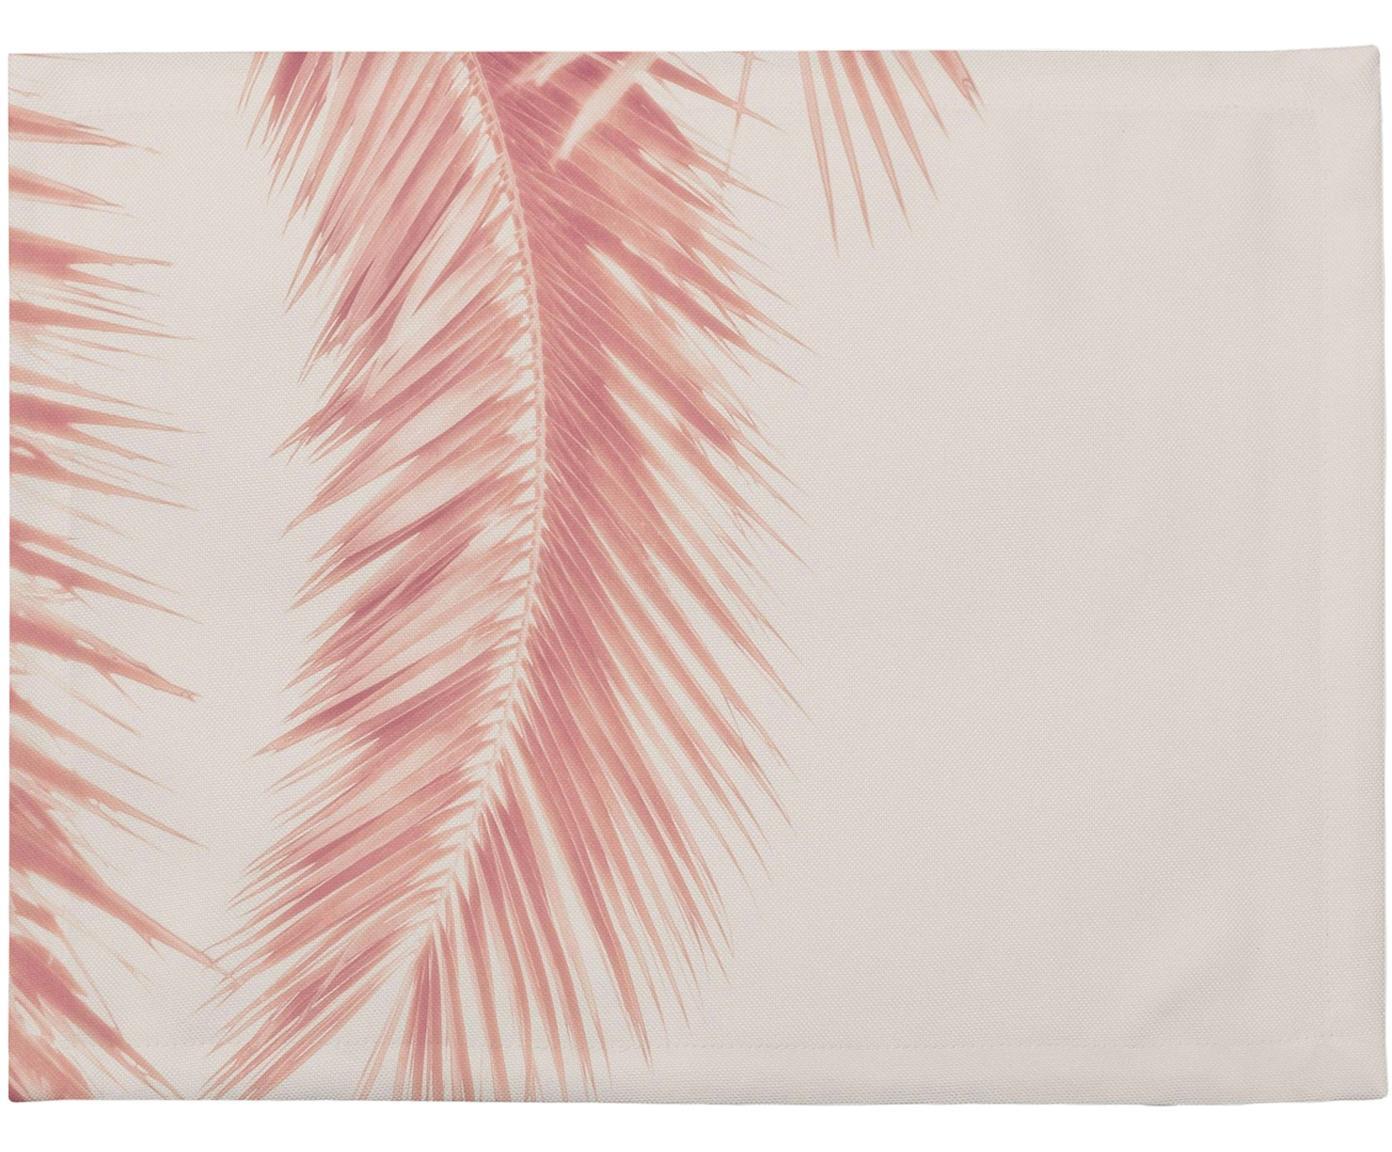 Podkładka Palm Leaves, 4 szt., Poliester, Odcienie różowego, S 35 x D 45 cm